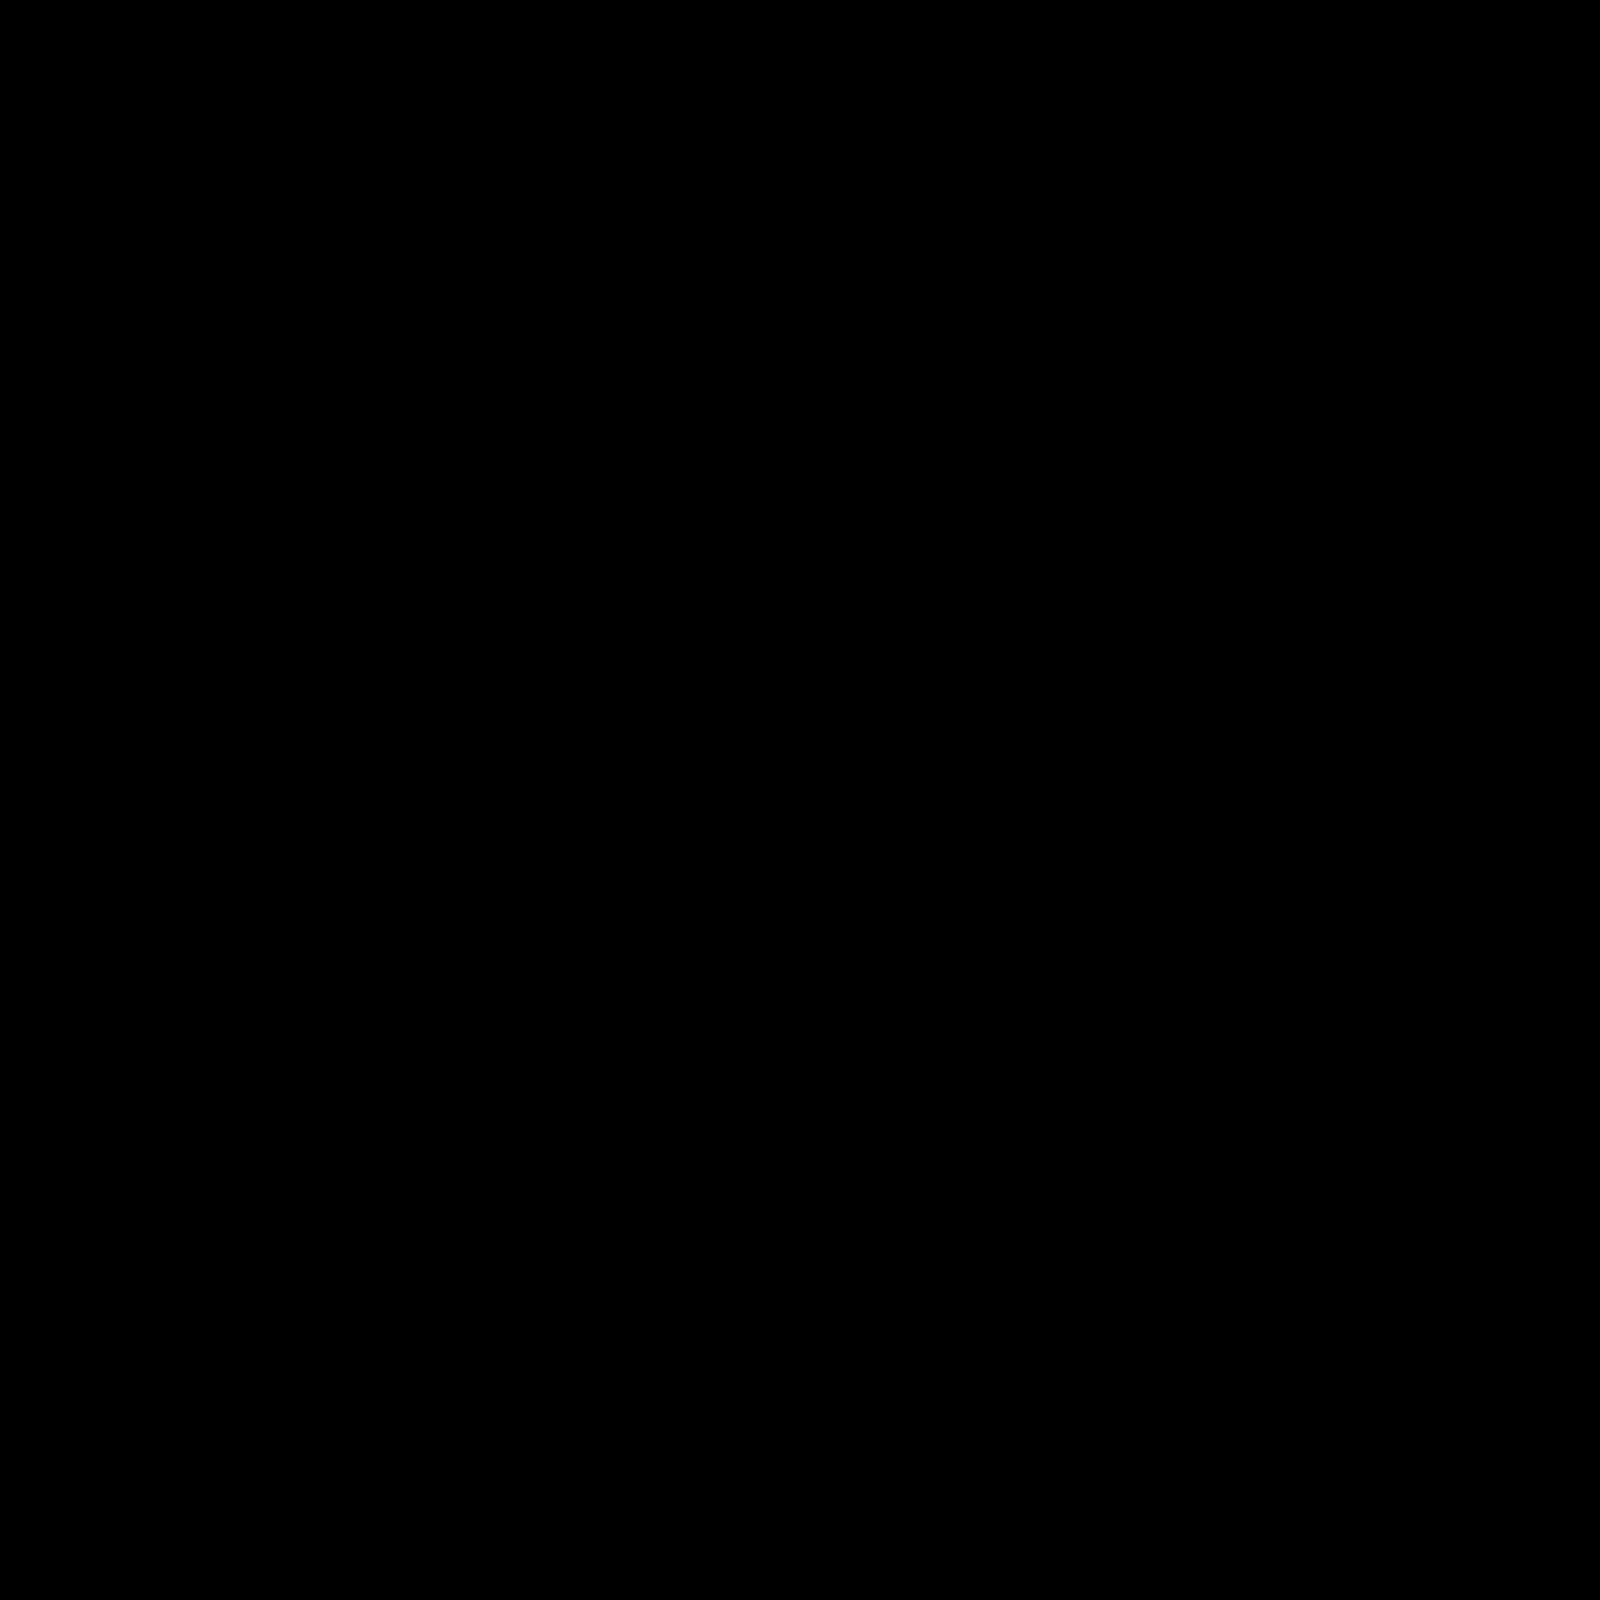 Założona prezerwatywa icon